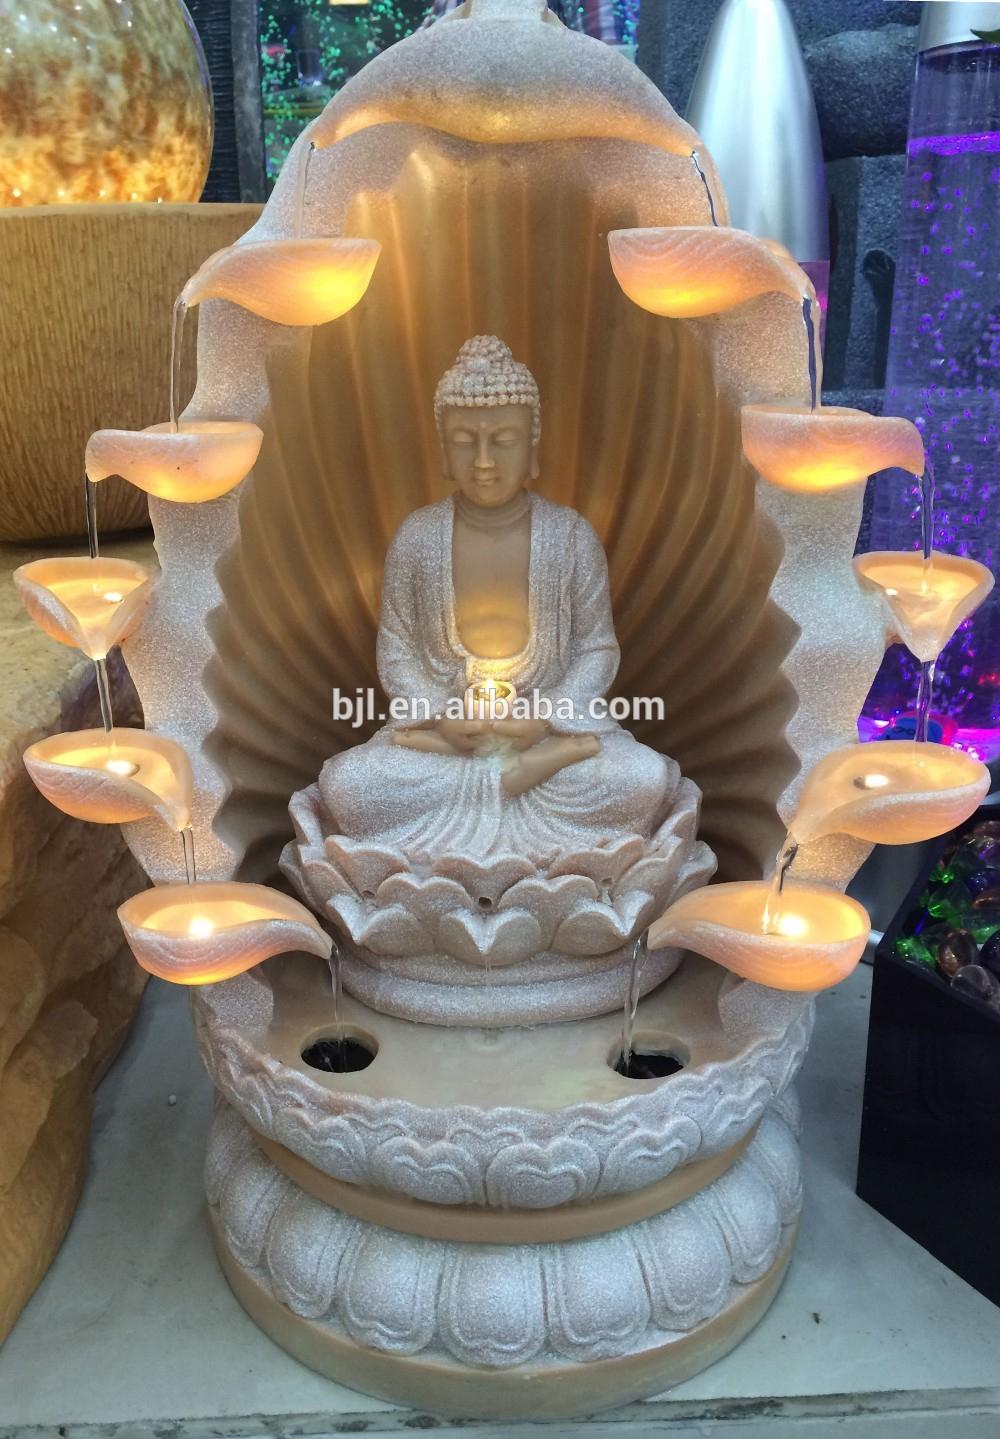 Jardin Led Lumière Fontaine D'eau Résine Indien Bouddha Statue - Buy Statue  Indienne En Résine,statue En Résine De Bouddha,statue De Bouddha Lumière ... dedans Fontaine De Jardin Bouddha